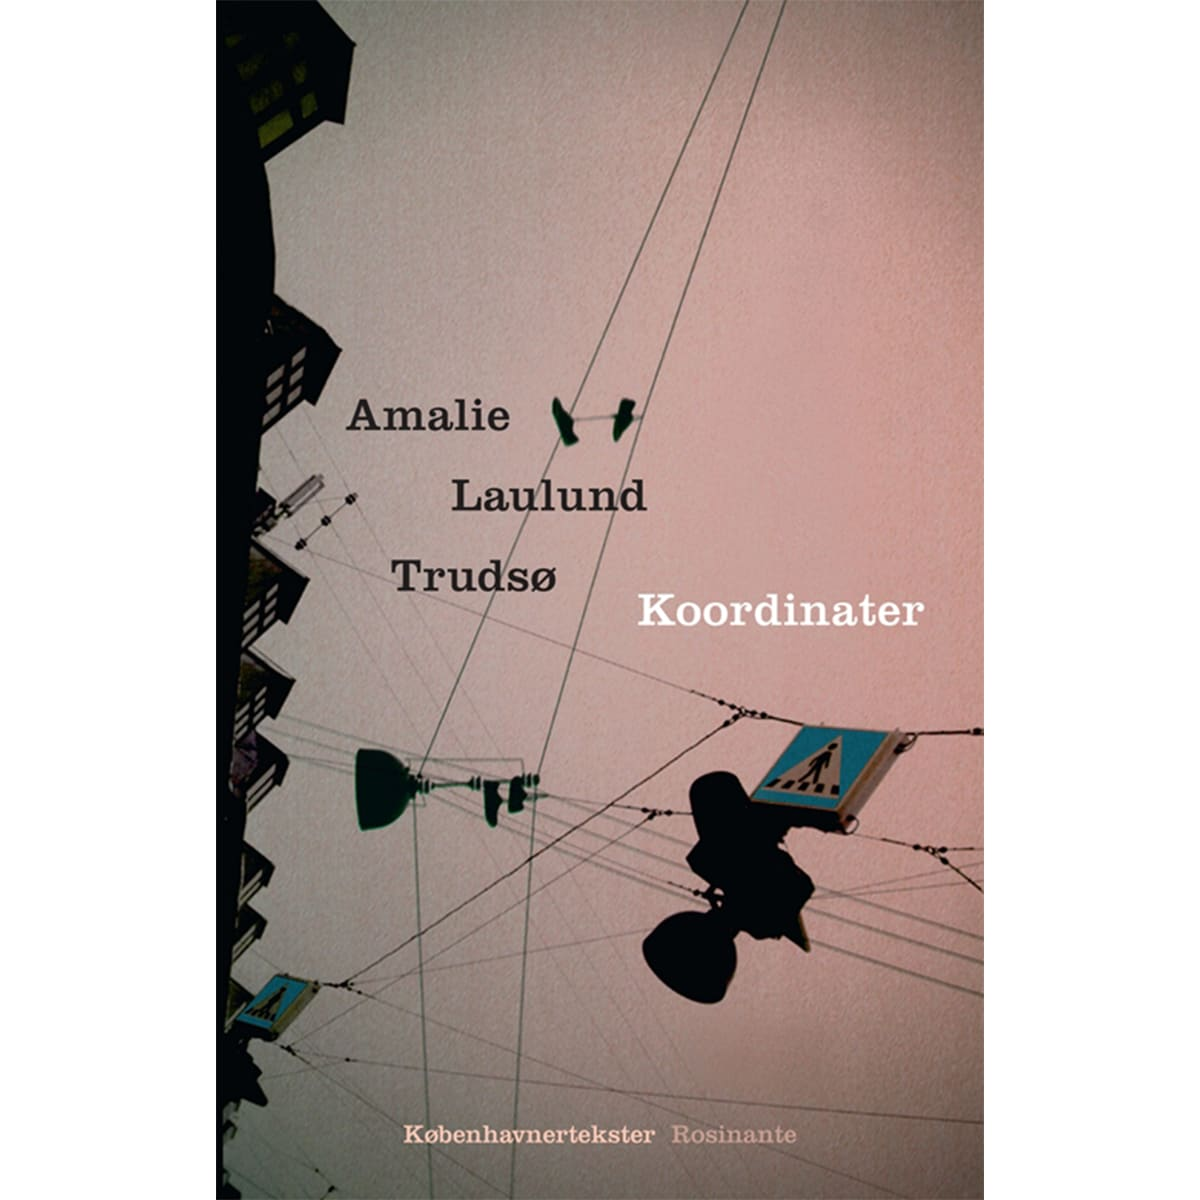 Af Amalie Laulund Trudsø